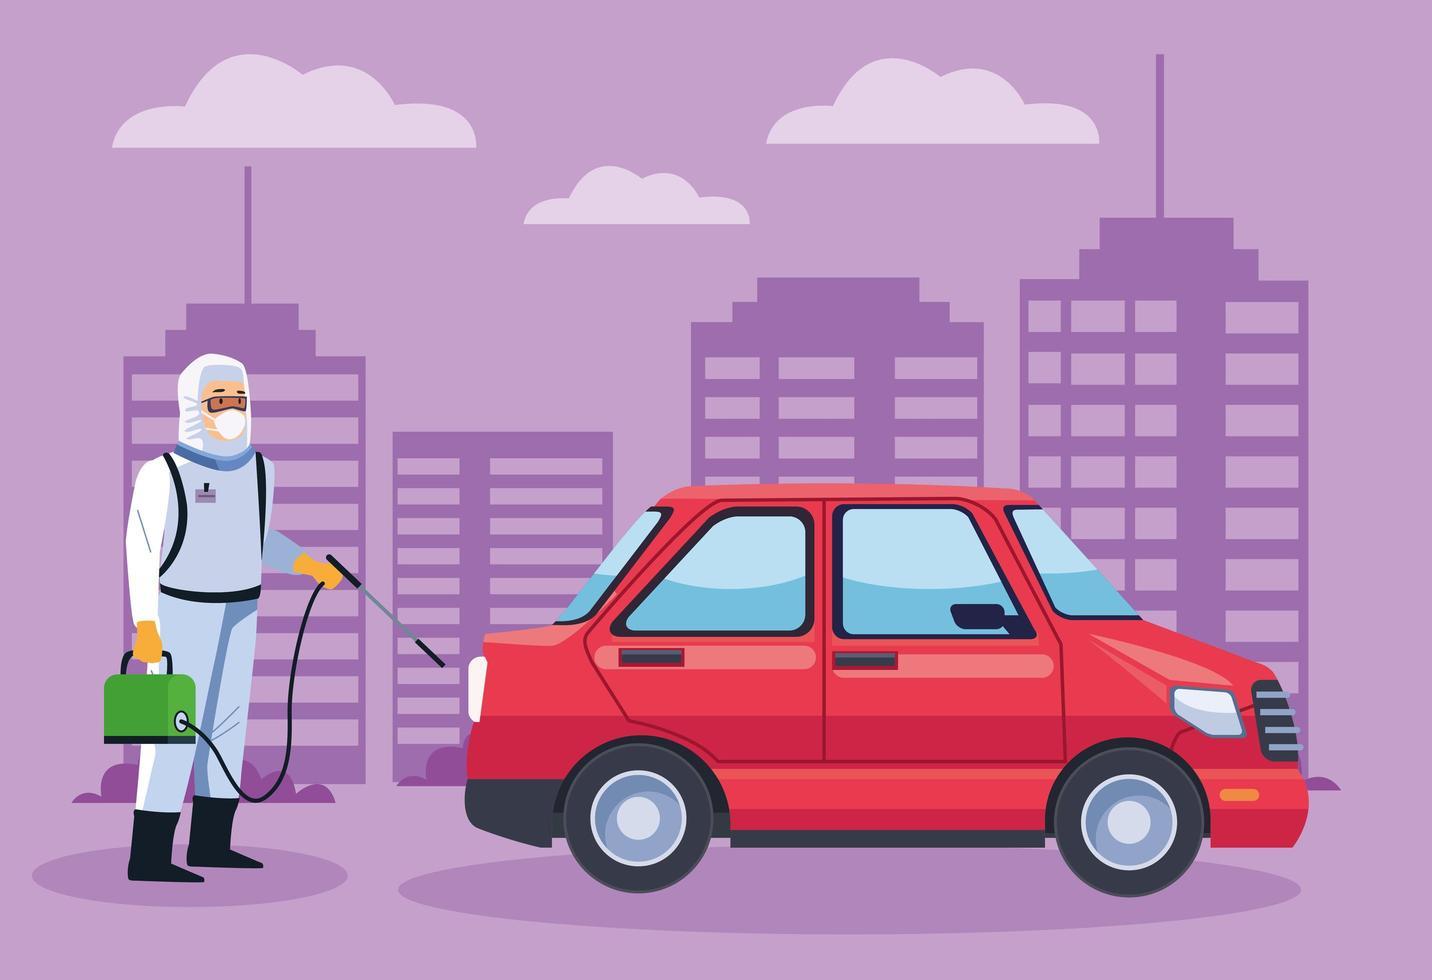 bioveiligheidsmedewerker desinfecteert een auto tegen covid 19 vector